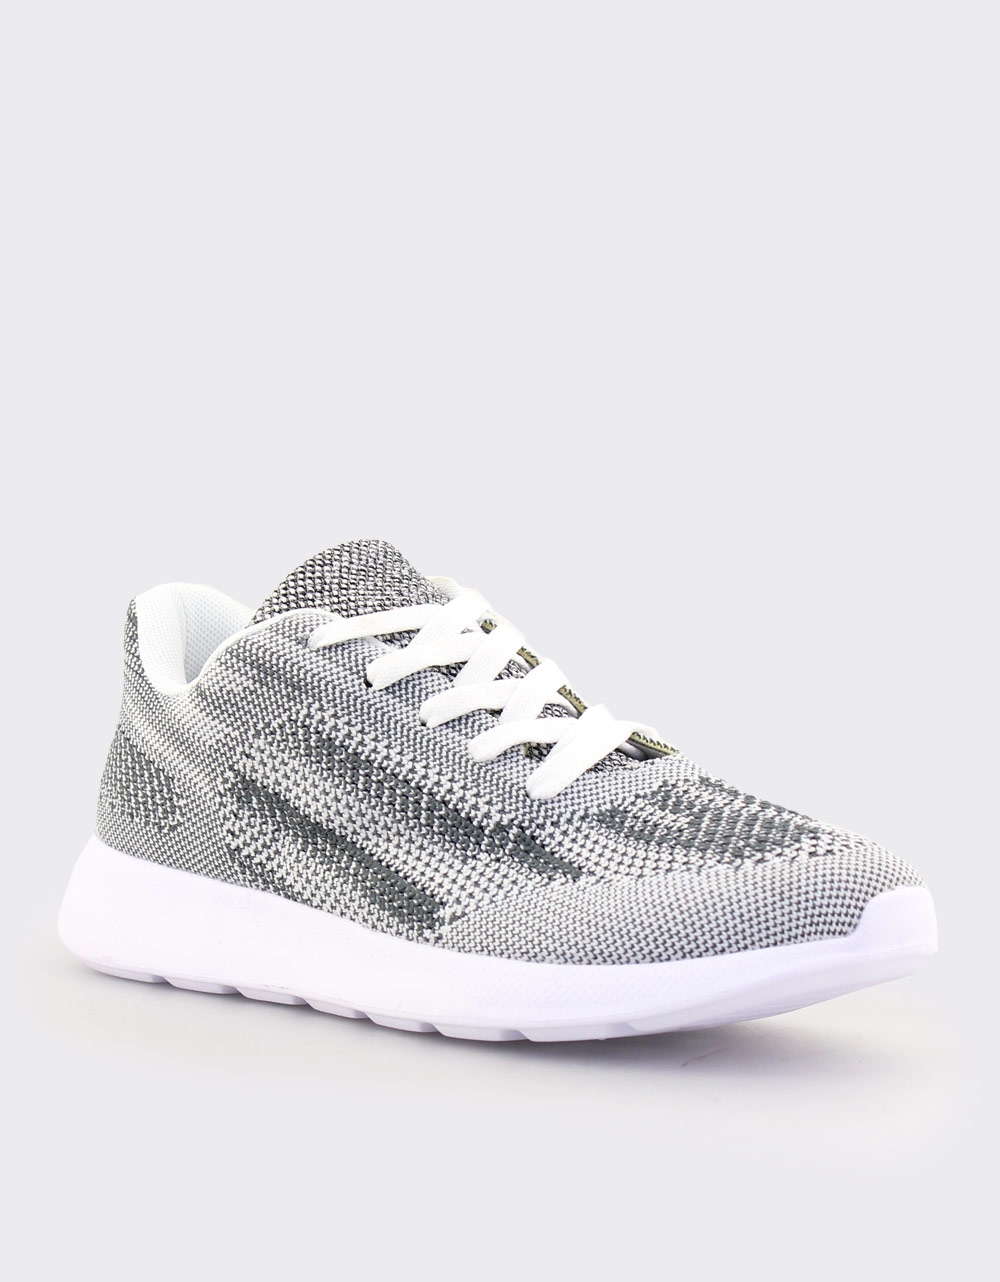 Εικόνα από Ανδρικά sneakers με δίχρωμες λεπτομέρειες Γκρι